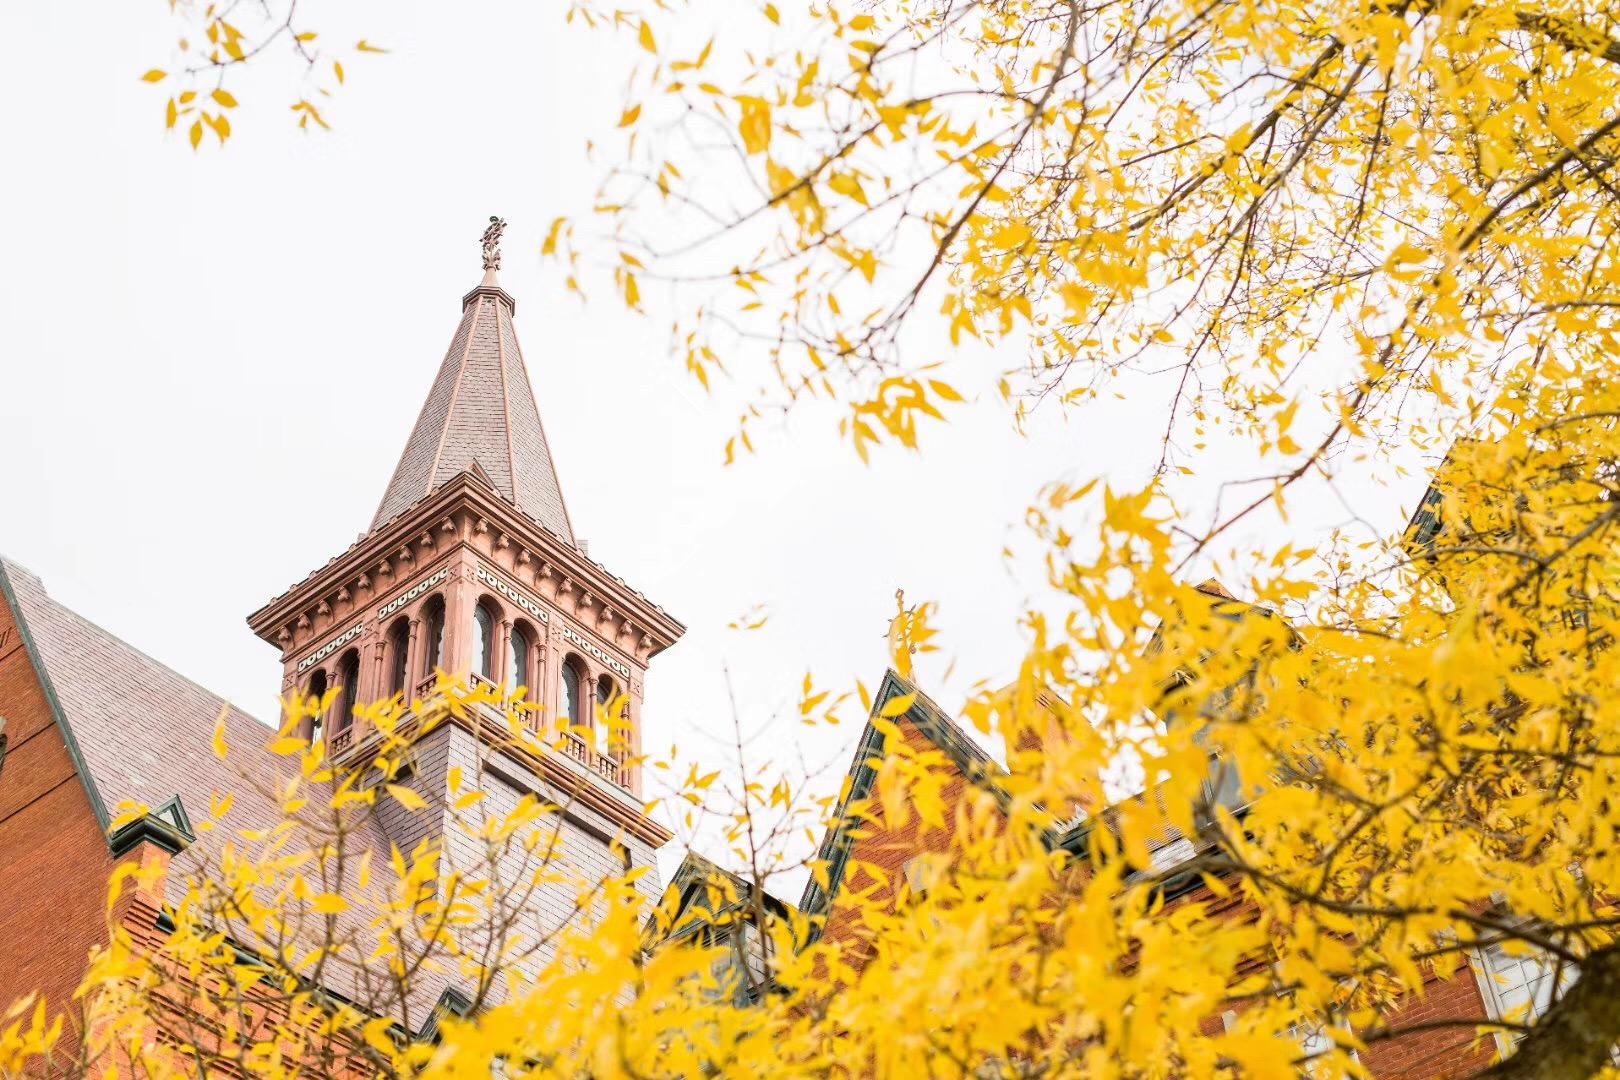 专科生去美国留学,需要满足哪些条件?